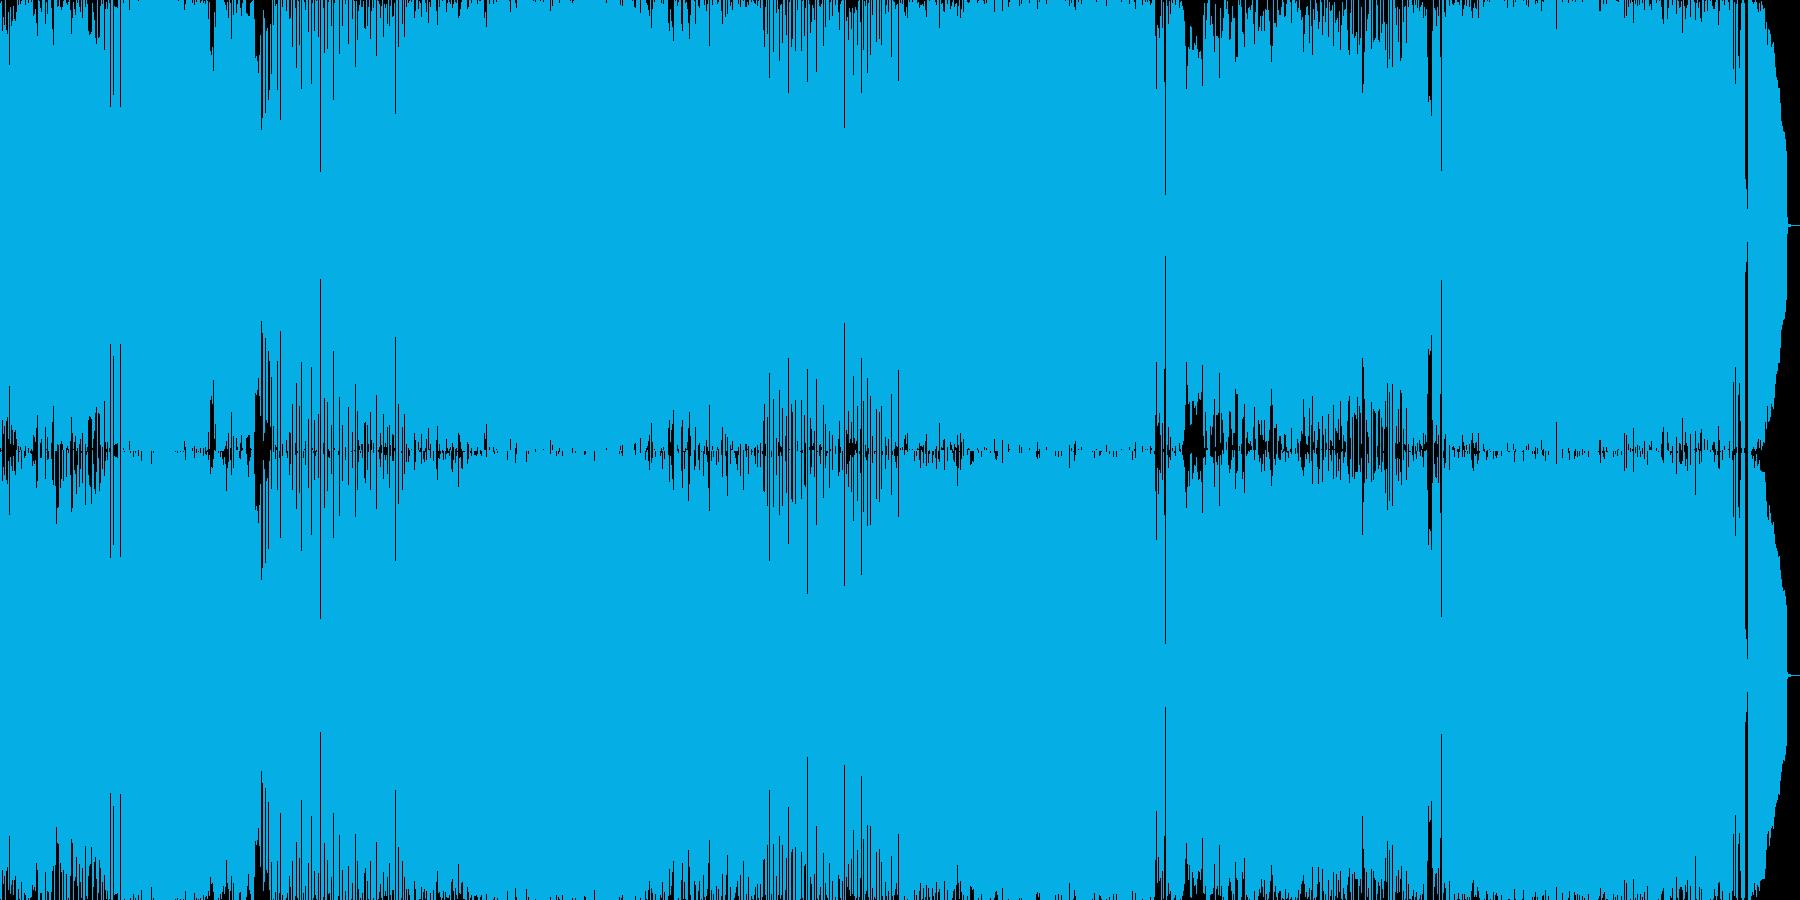 メロコア調のノリの良い楽曲の再生済みの波形